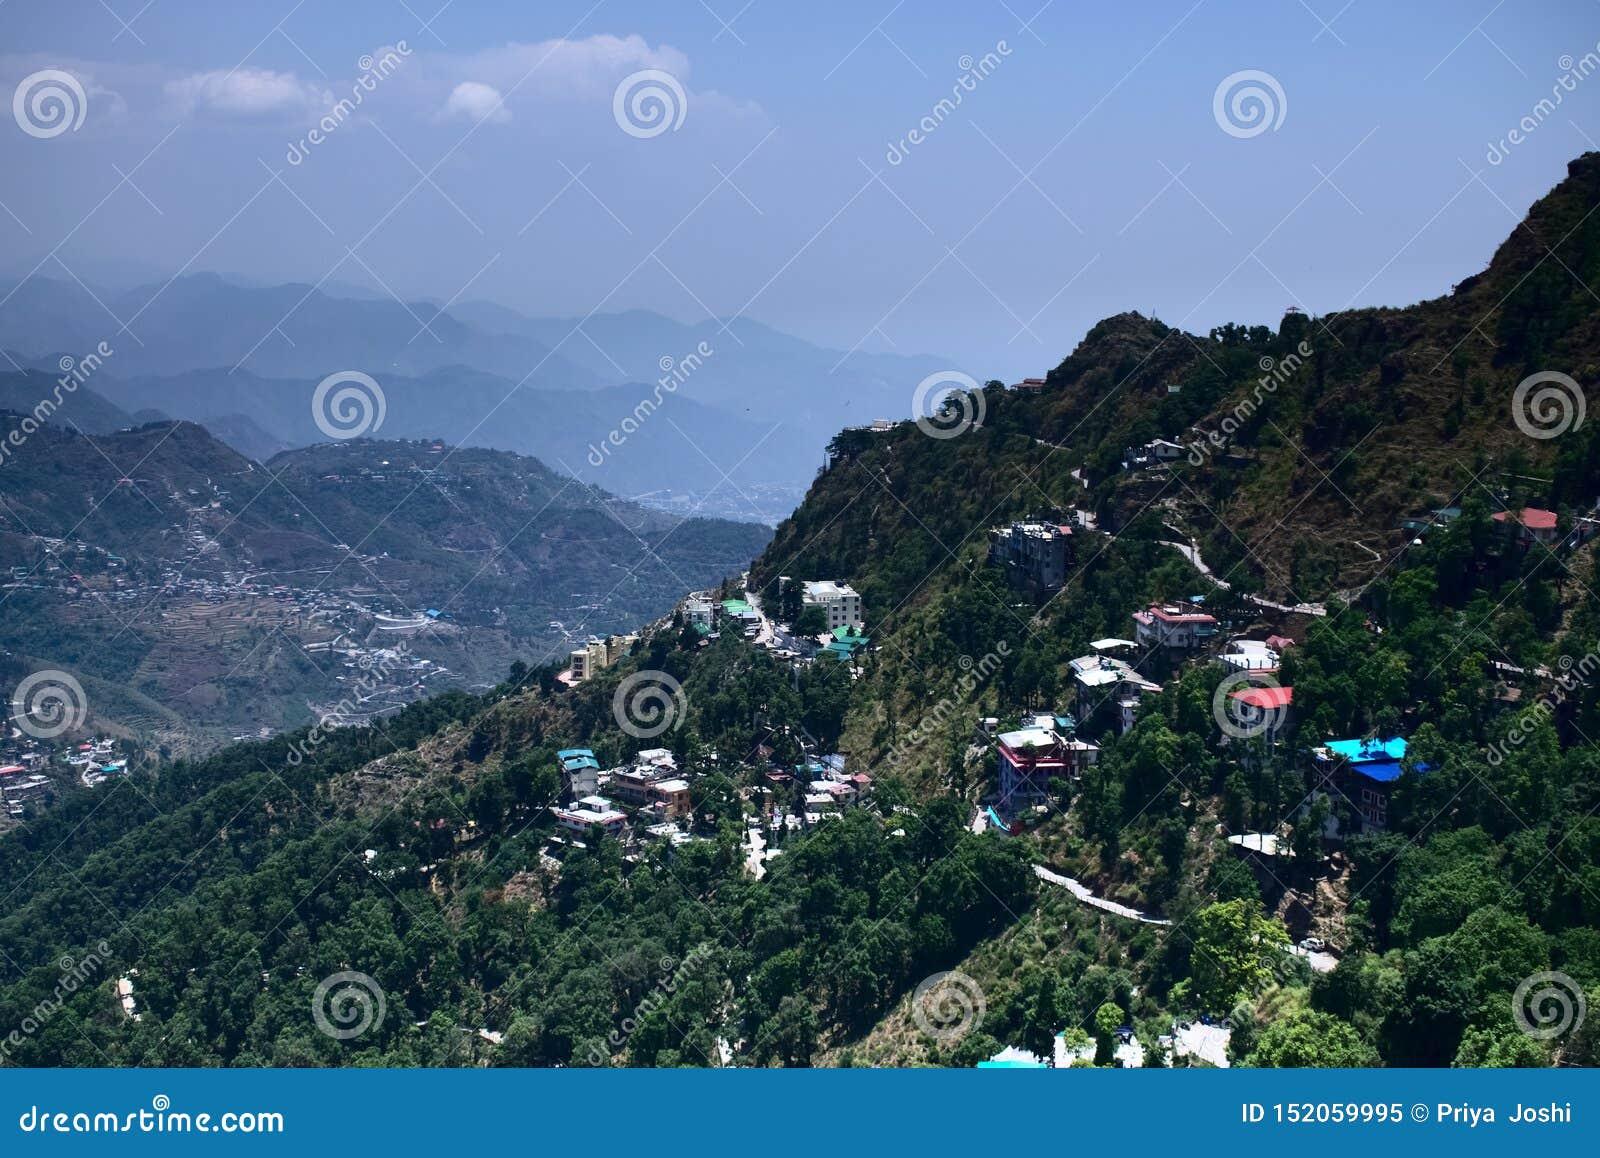 Vista de la ciudad hermosa de la colina una ciudad en las montañas llenas de casas coloridas y de paisaje muy vibrante de casas e